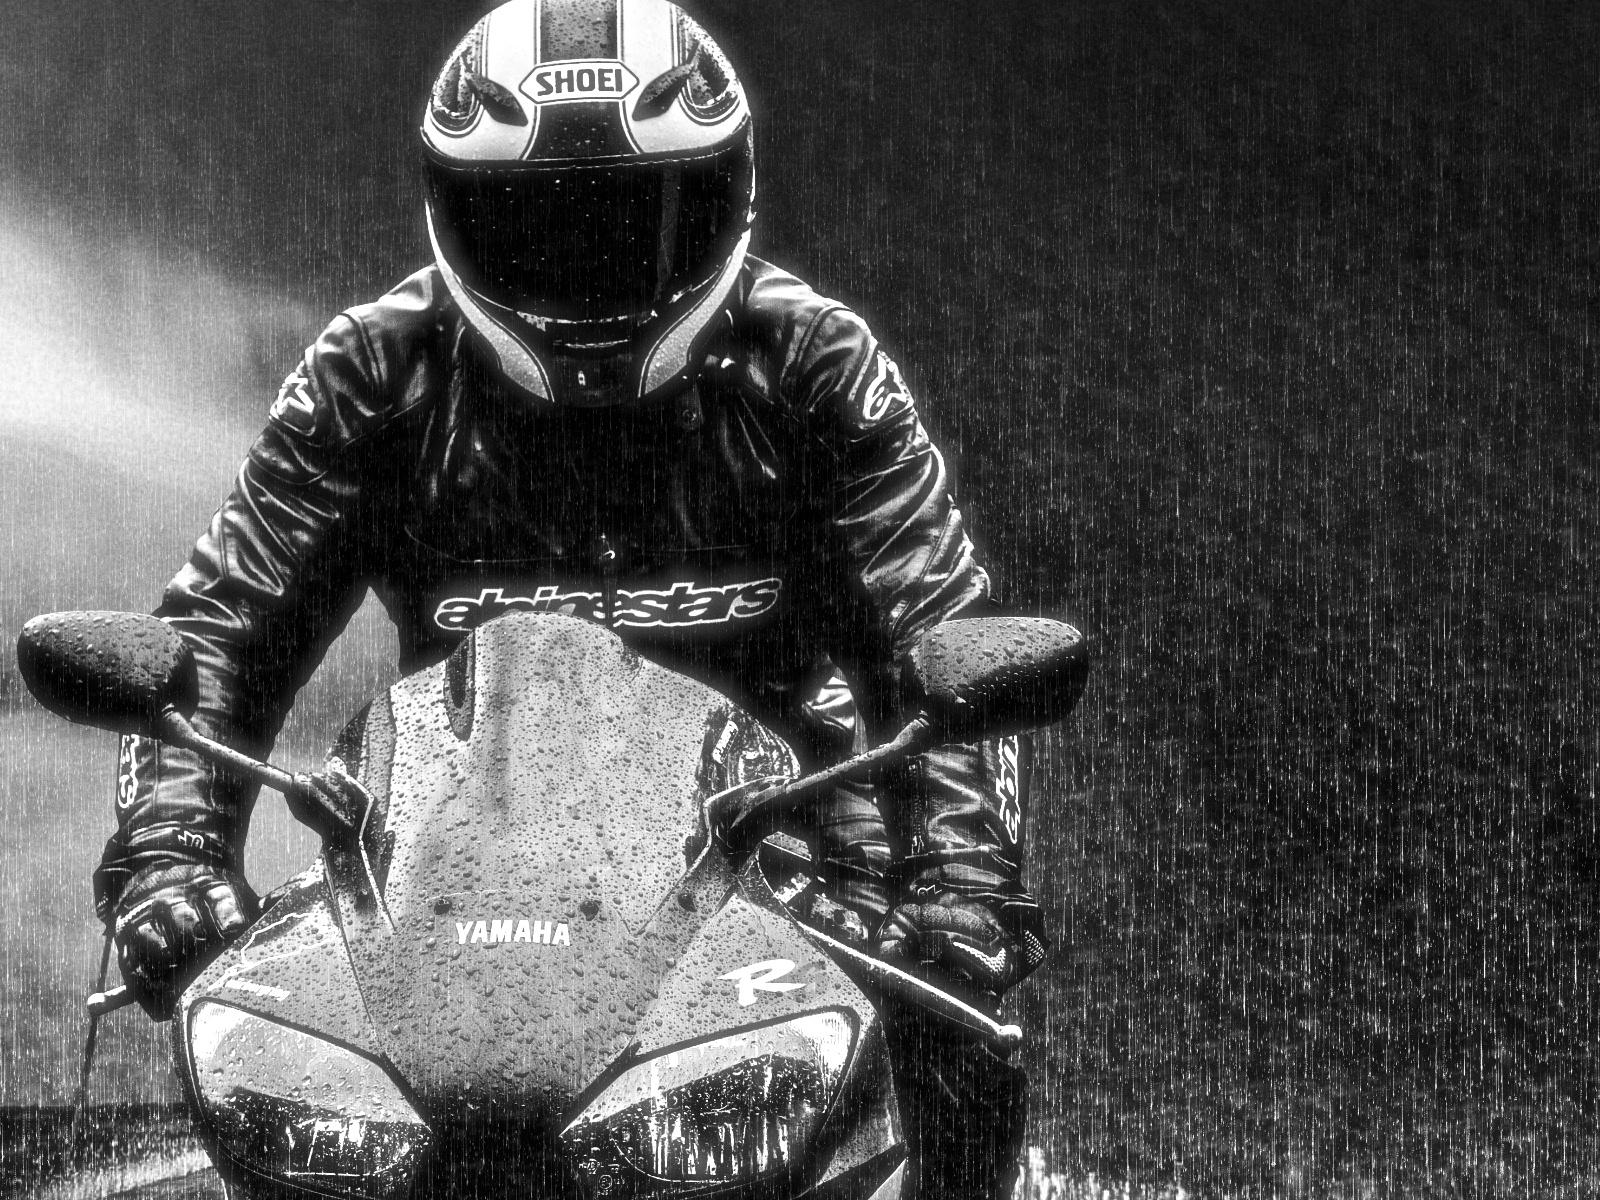 Поездка на мотоцикле в дождь